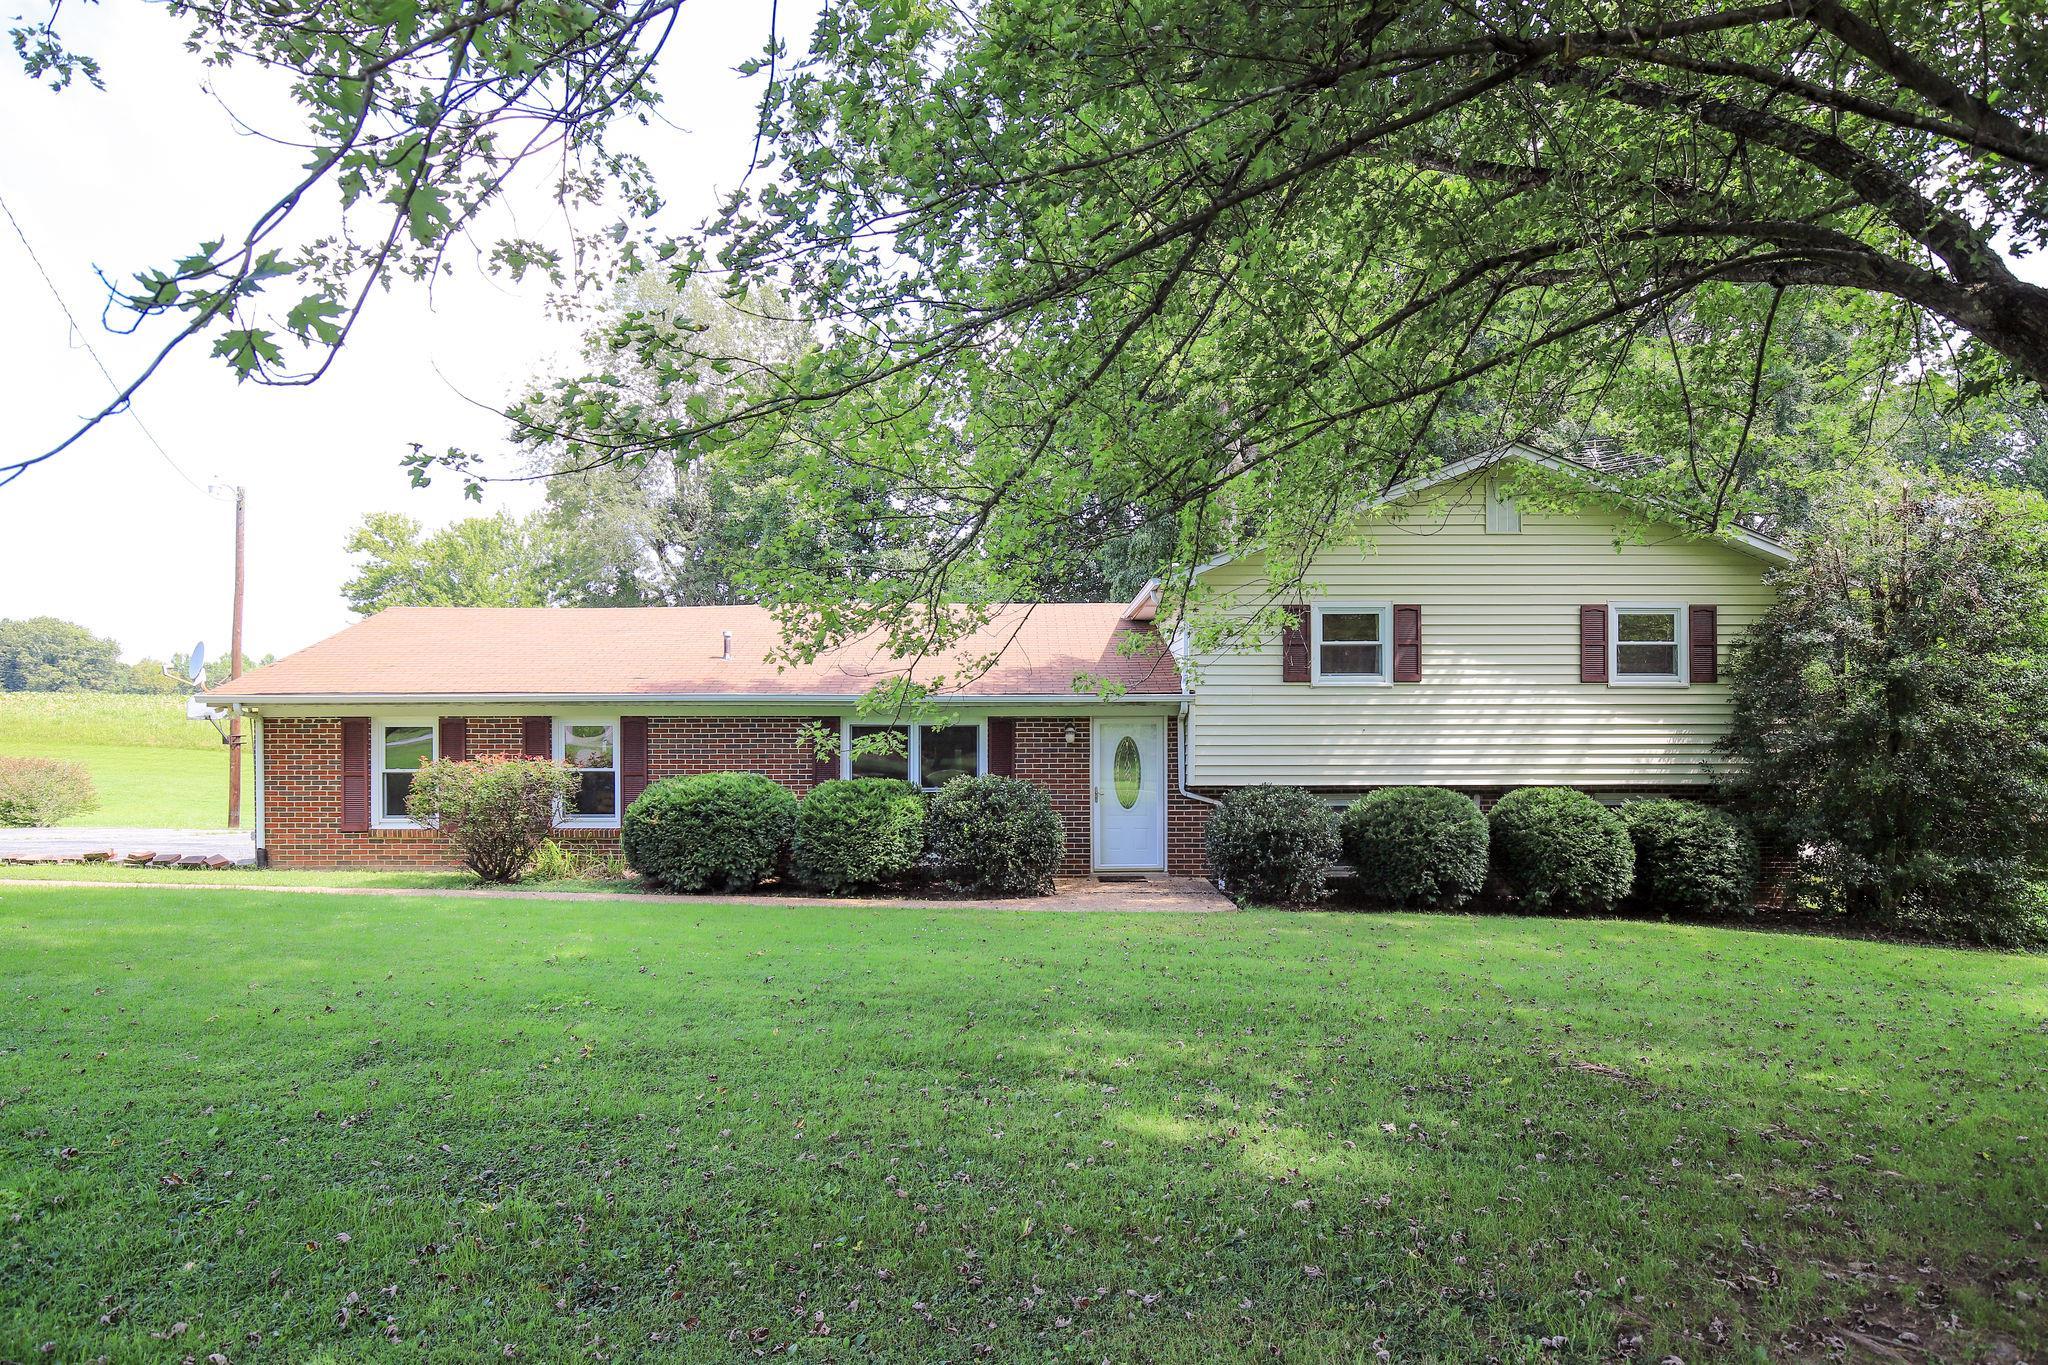 105 Pires Ln, Portland, TN 37148 - Portland, TN real estate listing